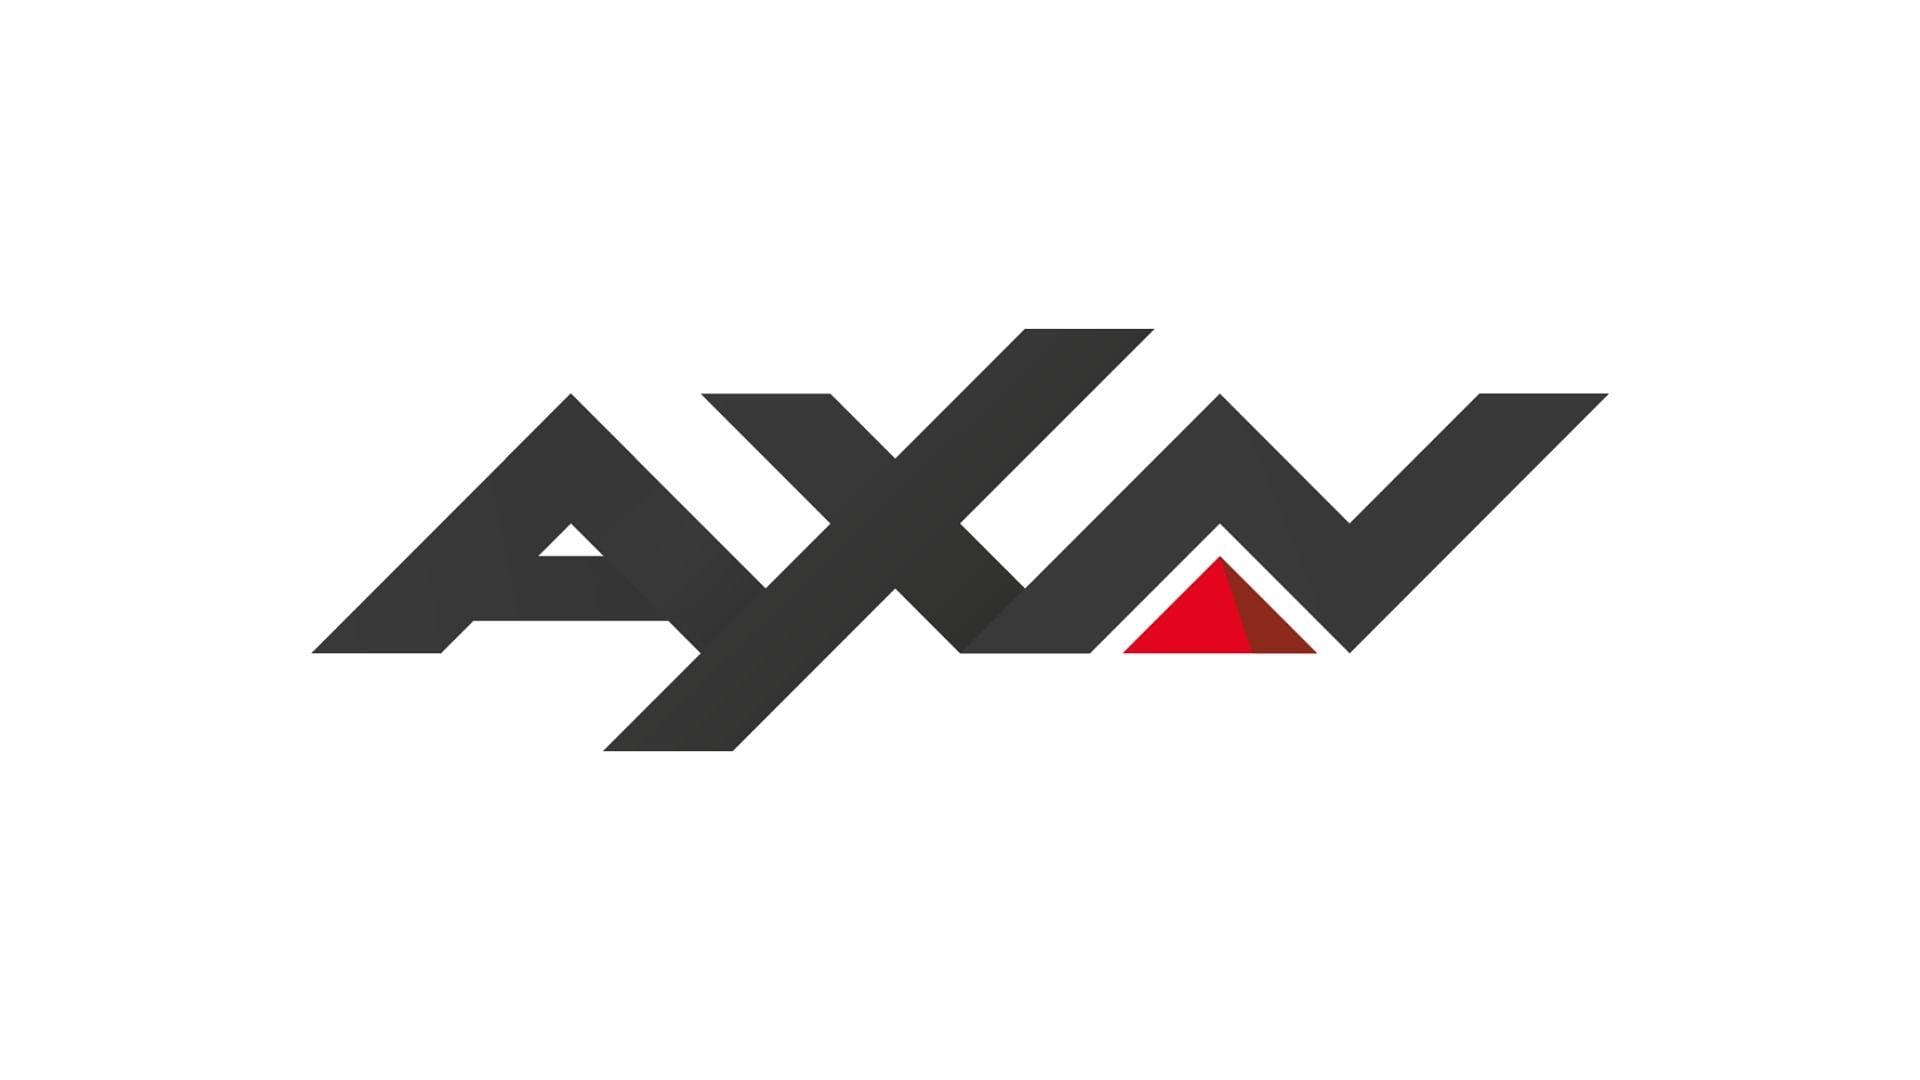 Sony AXN?blur=25